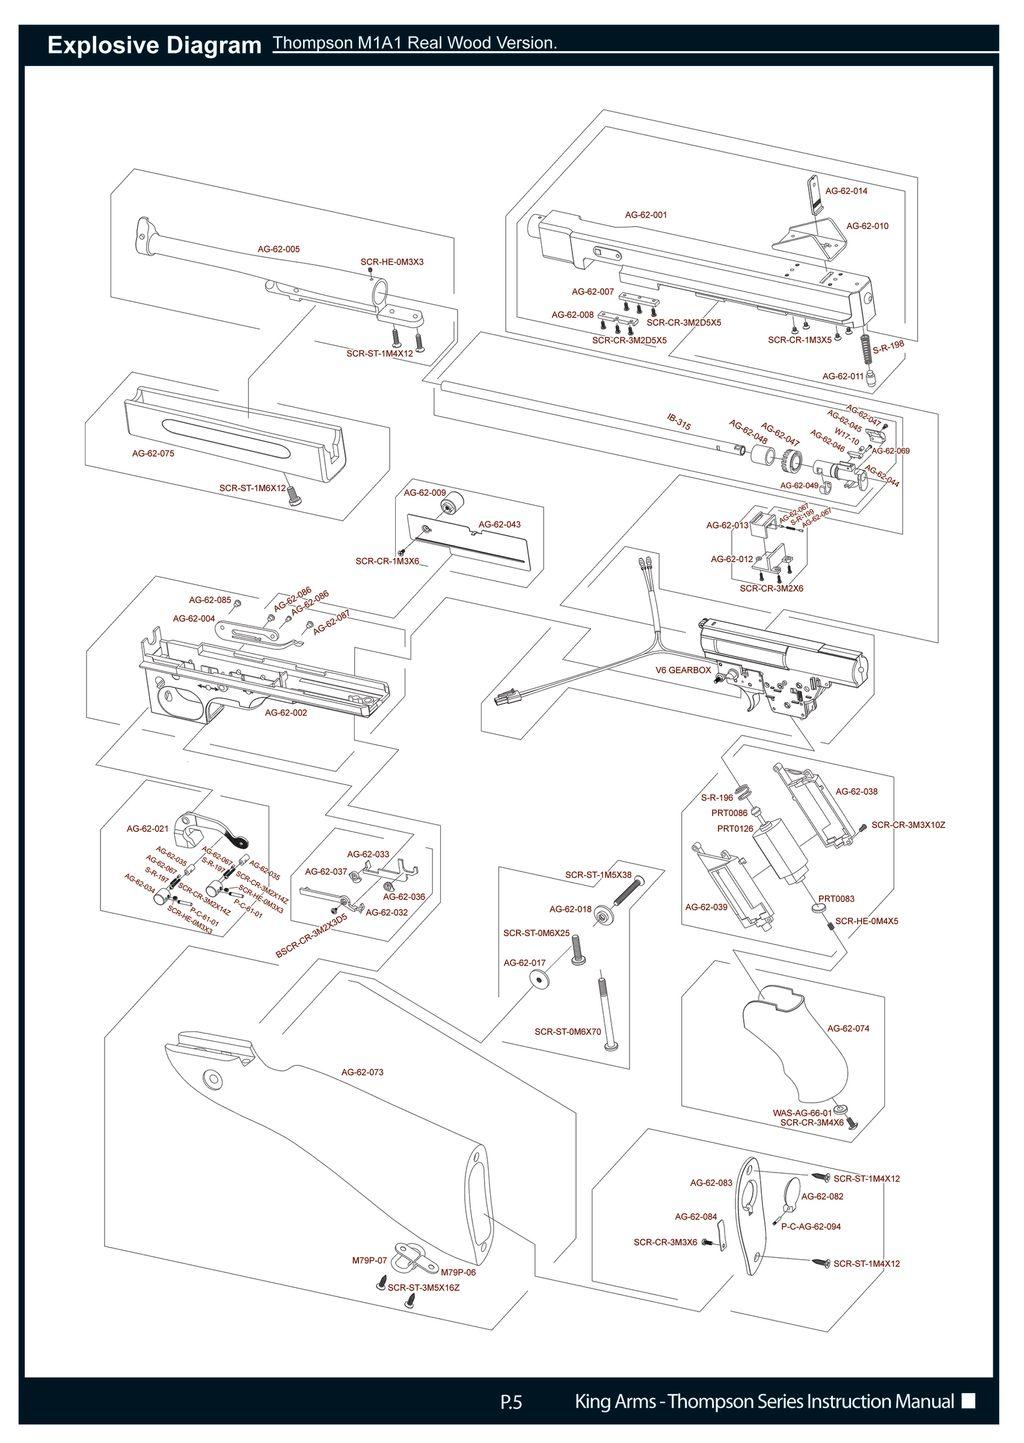 KA-AG-66 Manual_7.jpg